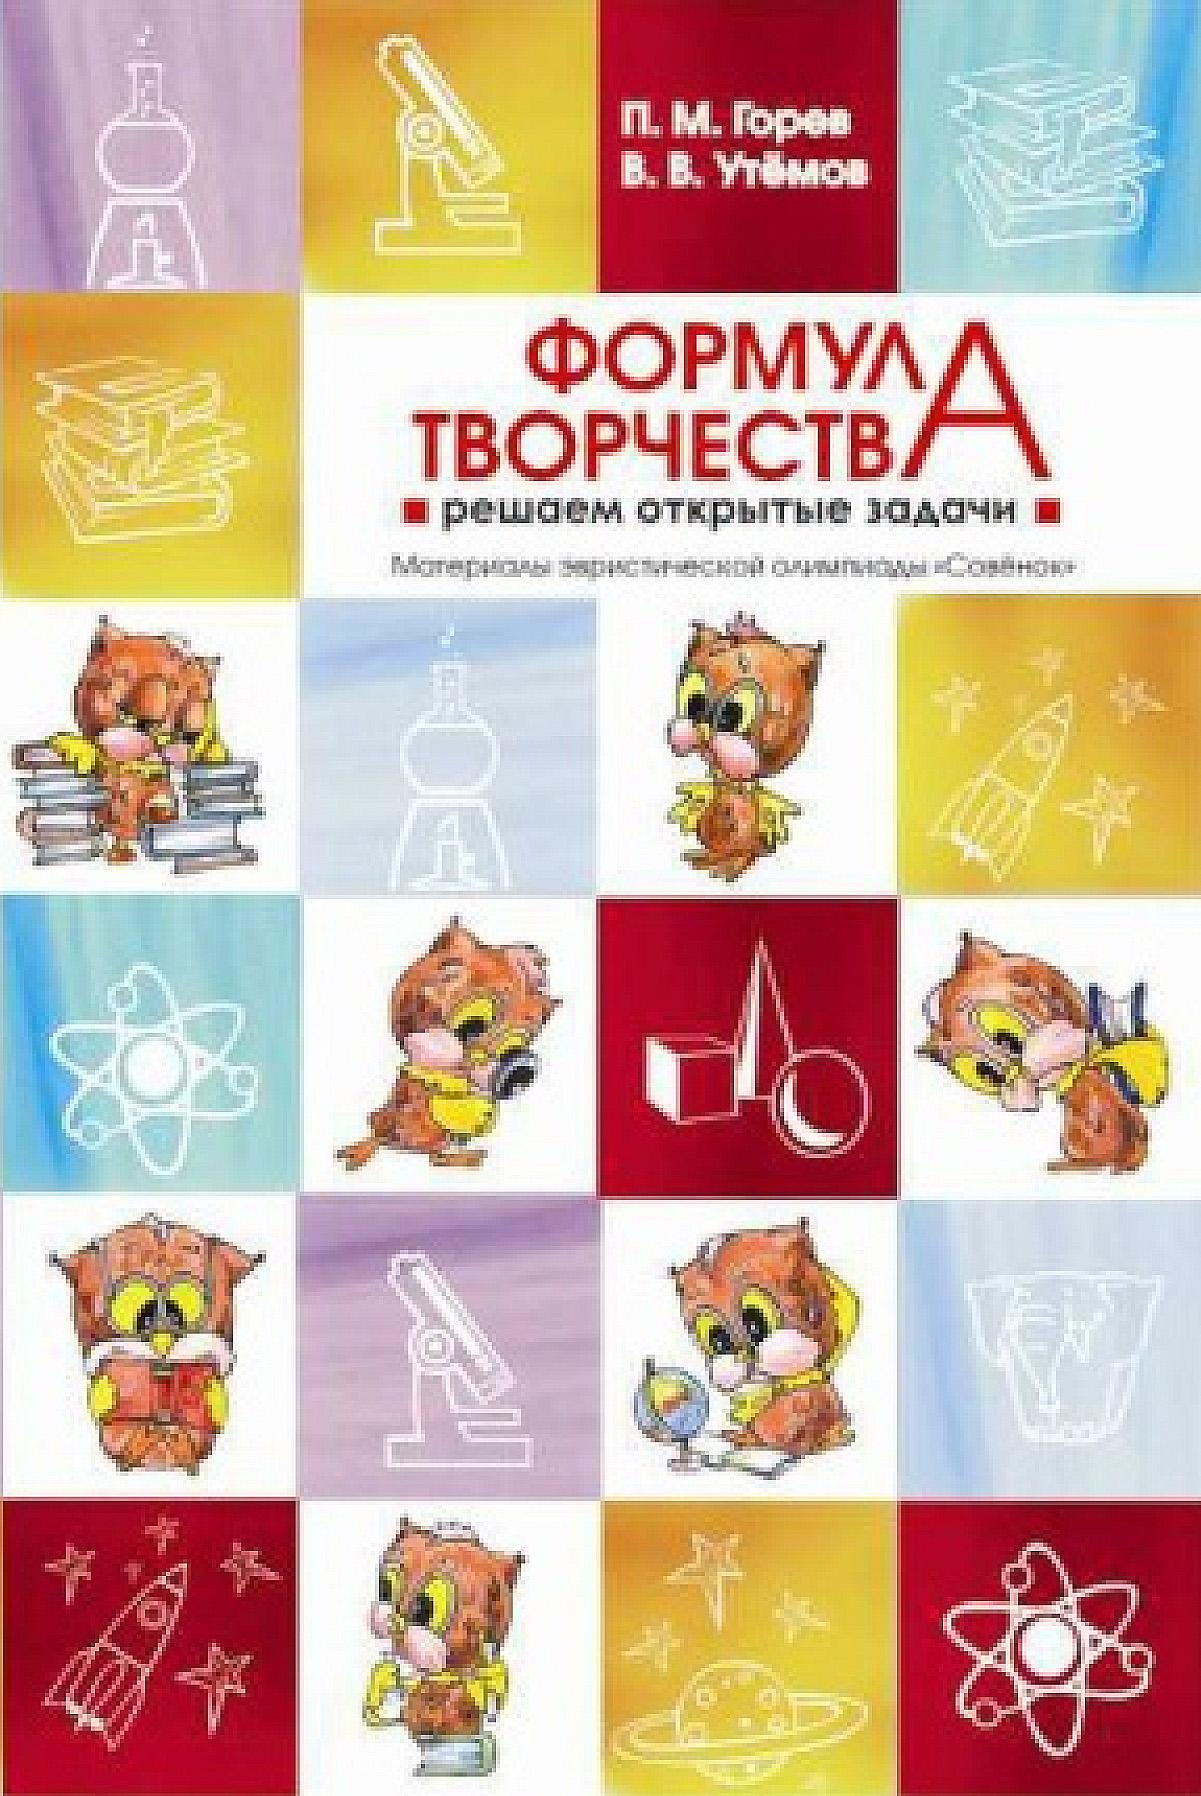 Формула творчества. Решаем открытые задачи. Материалы эвристической олимпиады «Совёнок»